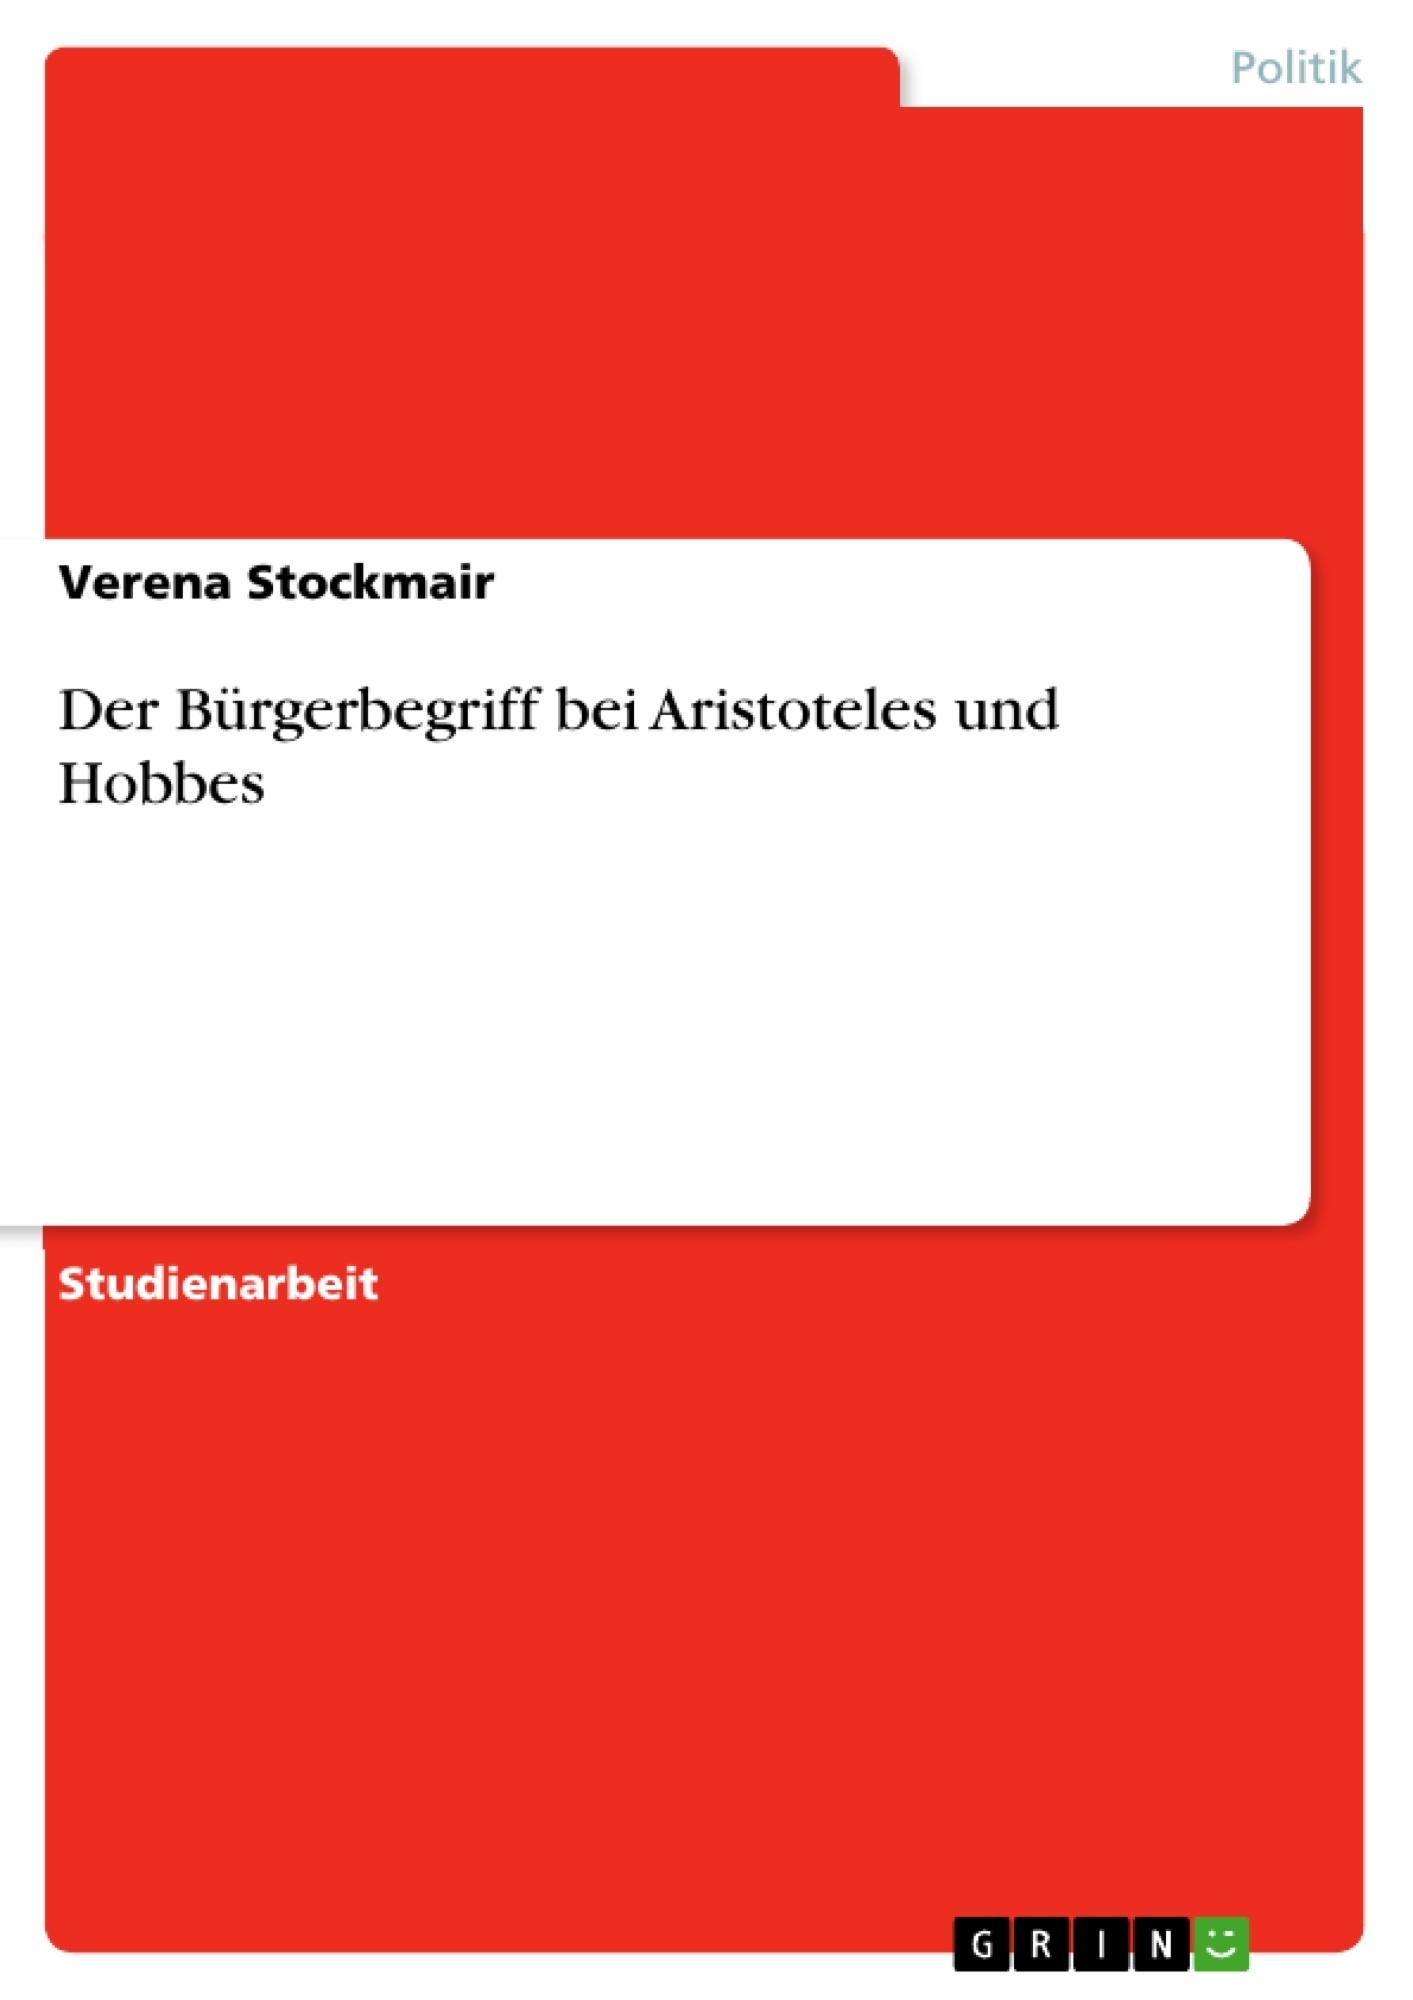 Titel: Der Bürgerbegriff bei Aristoteles und Hobbes